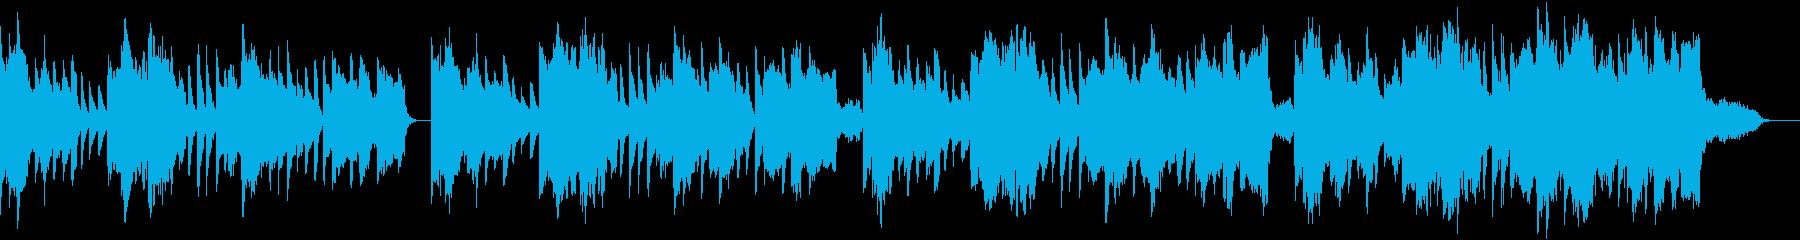 リコーダーがメインの物悲しいBGMの再生済みの波形